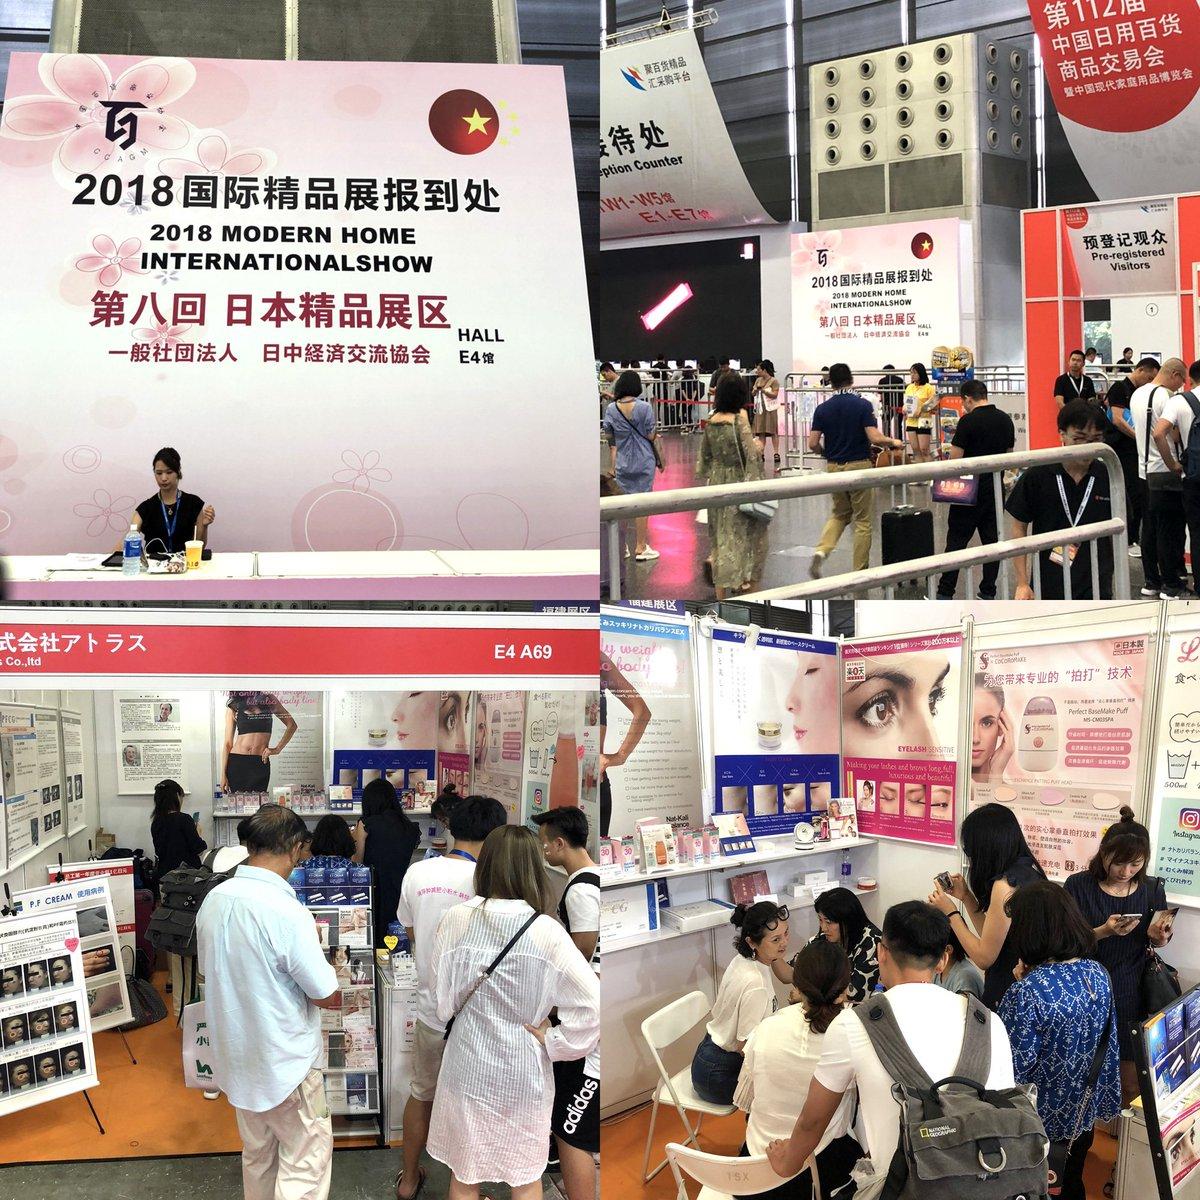 7月26日から28日まで、上海・上海新国際博覧中心で行われている 第8回日本精品展 in 上海2018 に出展しています。  #atlas #アトラス #overseas #海外 #china #中国 #shanghai #上海 #exhibition #展示会 #modernhomeinternationalshow #日本精品展 #natkalibalanceex #ナトカリバランスex